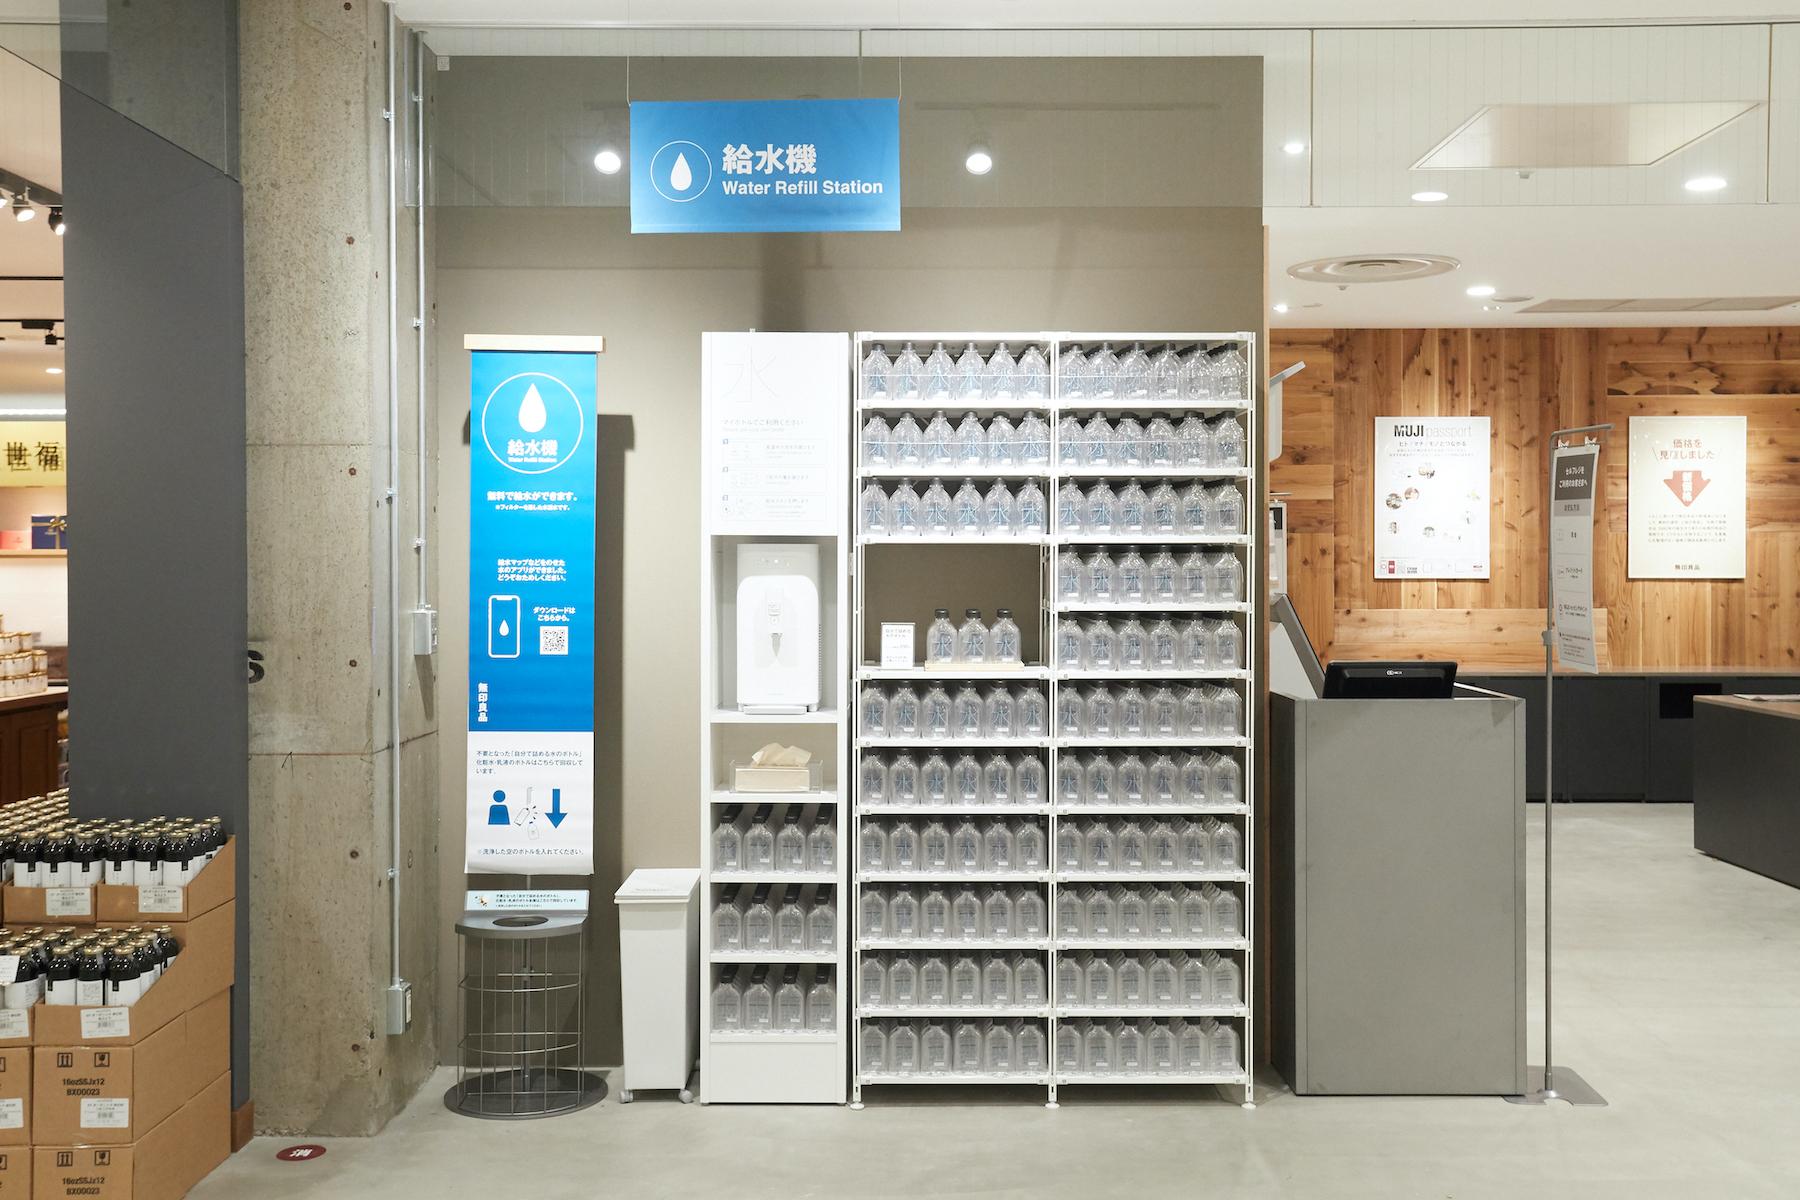 12110【自由テーマ】「給水サービス」の開始と水のボトルの販売、水のアプリ稼働